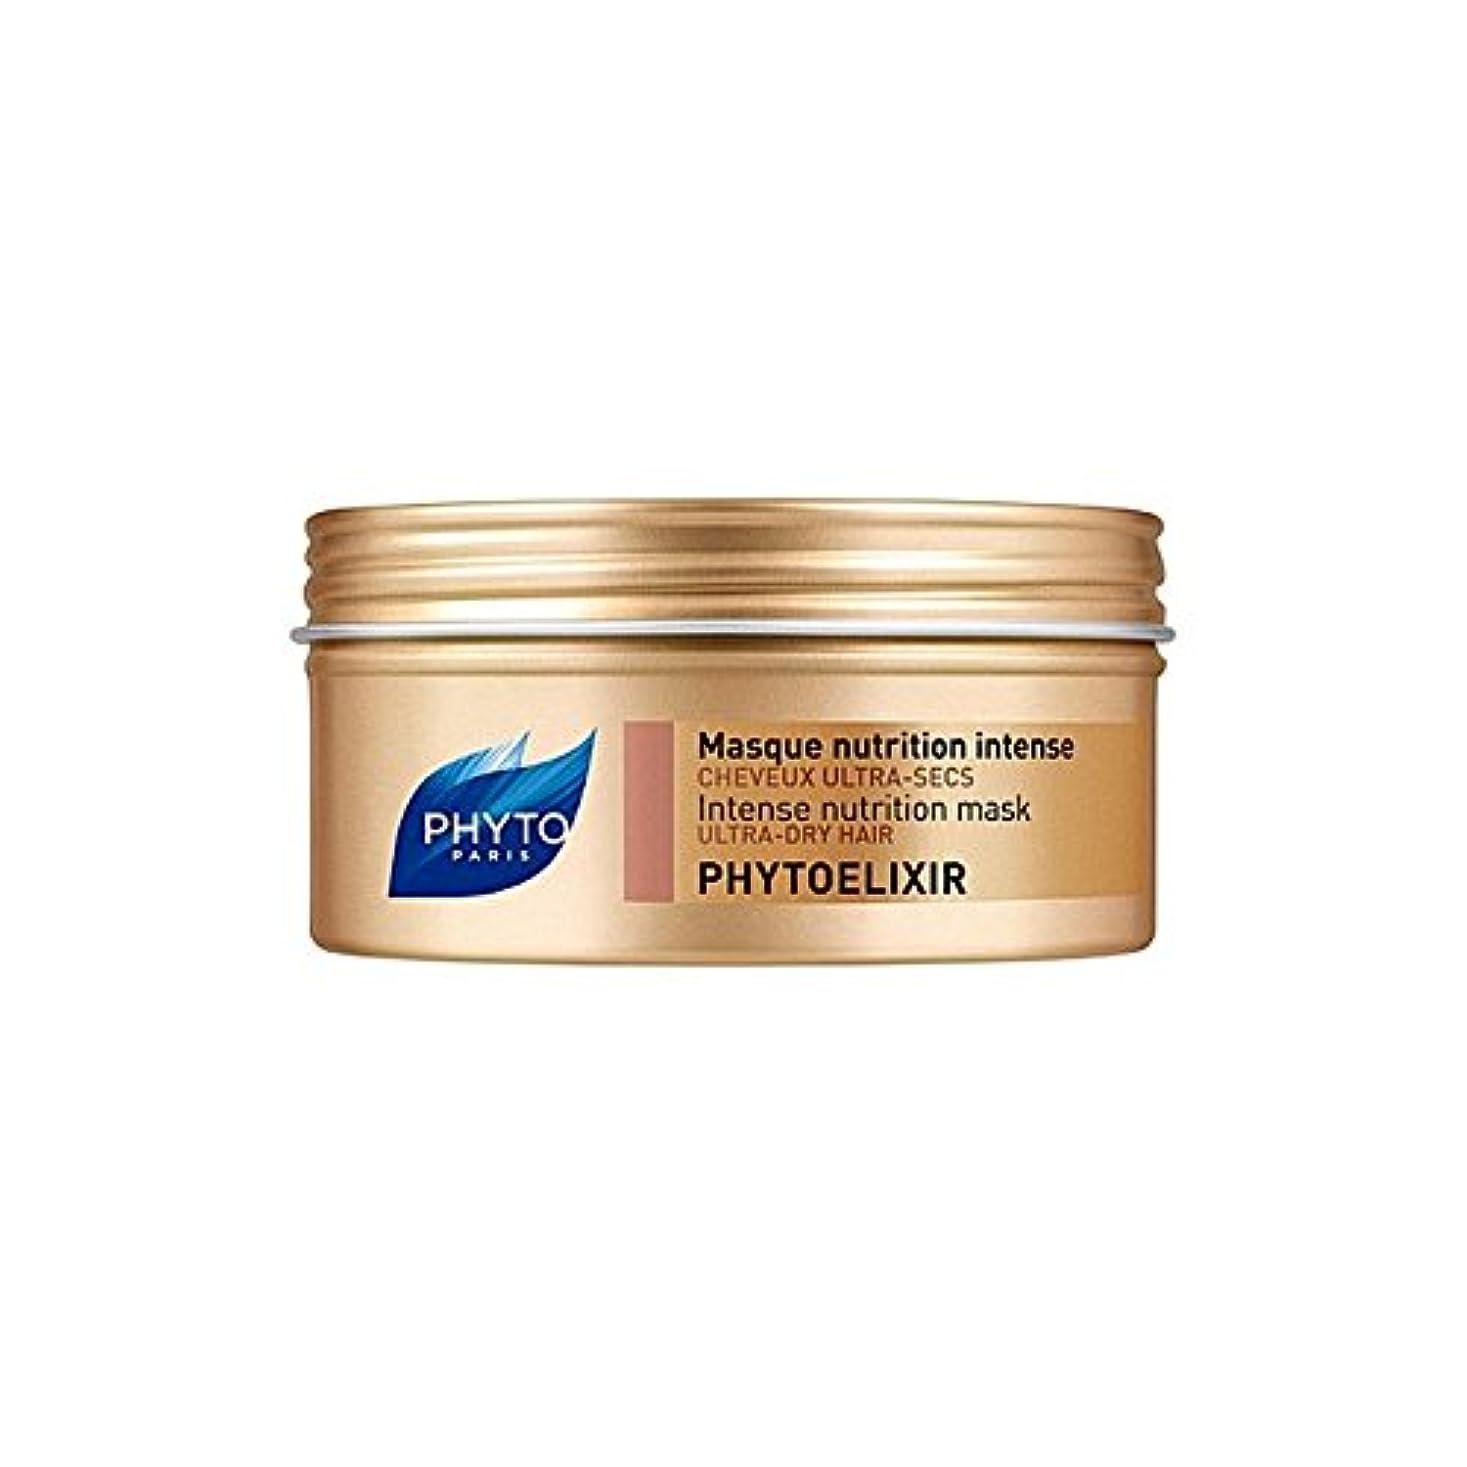 経過撤回する不完全なフィトの強烈な栄養マスク x4 - Phyto Phytoelixir Intense Nutrition Mask (Pack of 4) [並行輸入品]